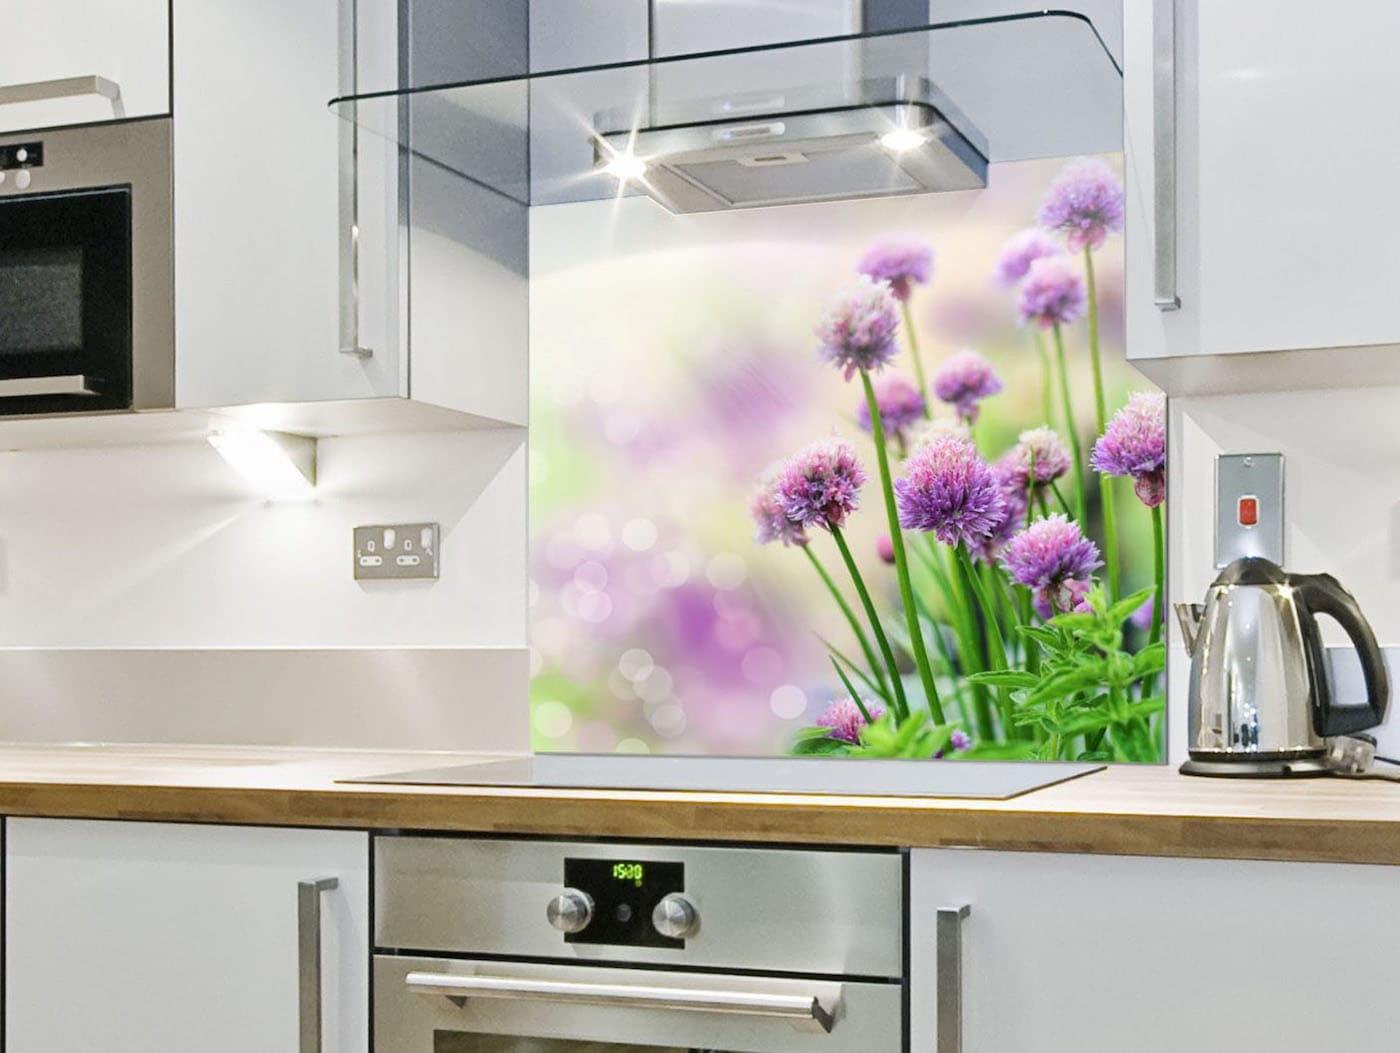 калейдоскоп картинки для стекло панели в кухню скачать лаунчер